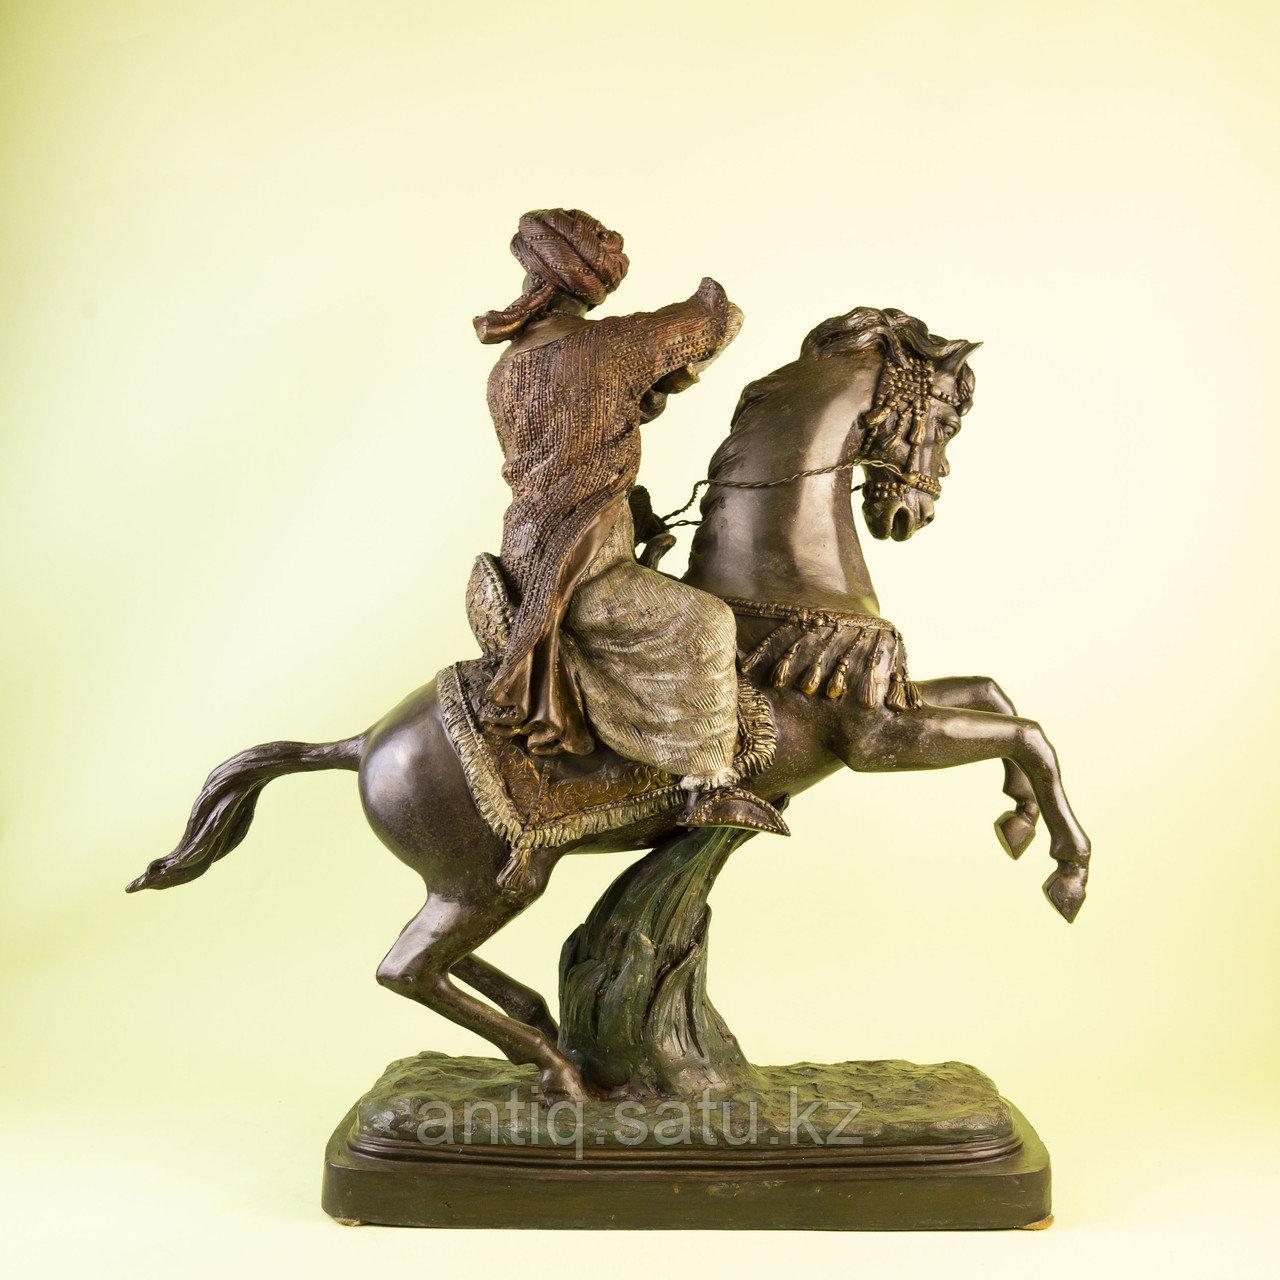 Кабинетная скульптура «Восточный воин» - фото 2